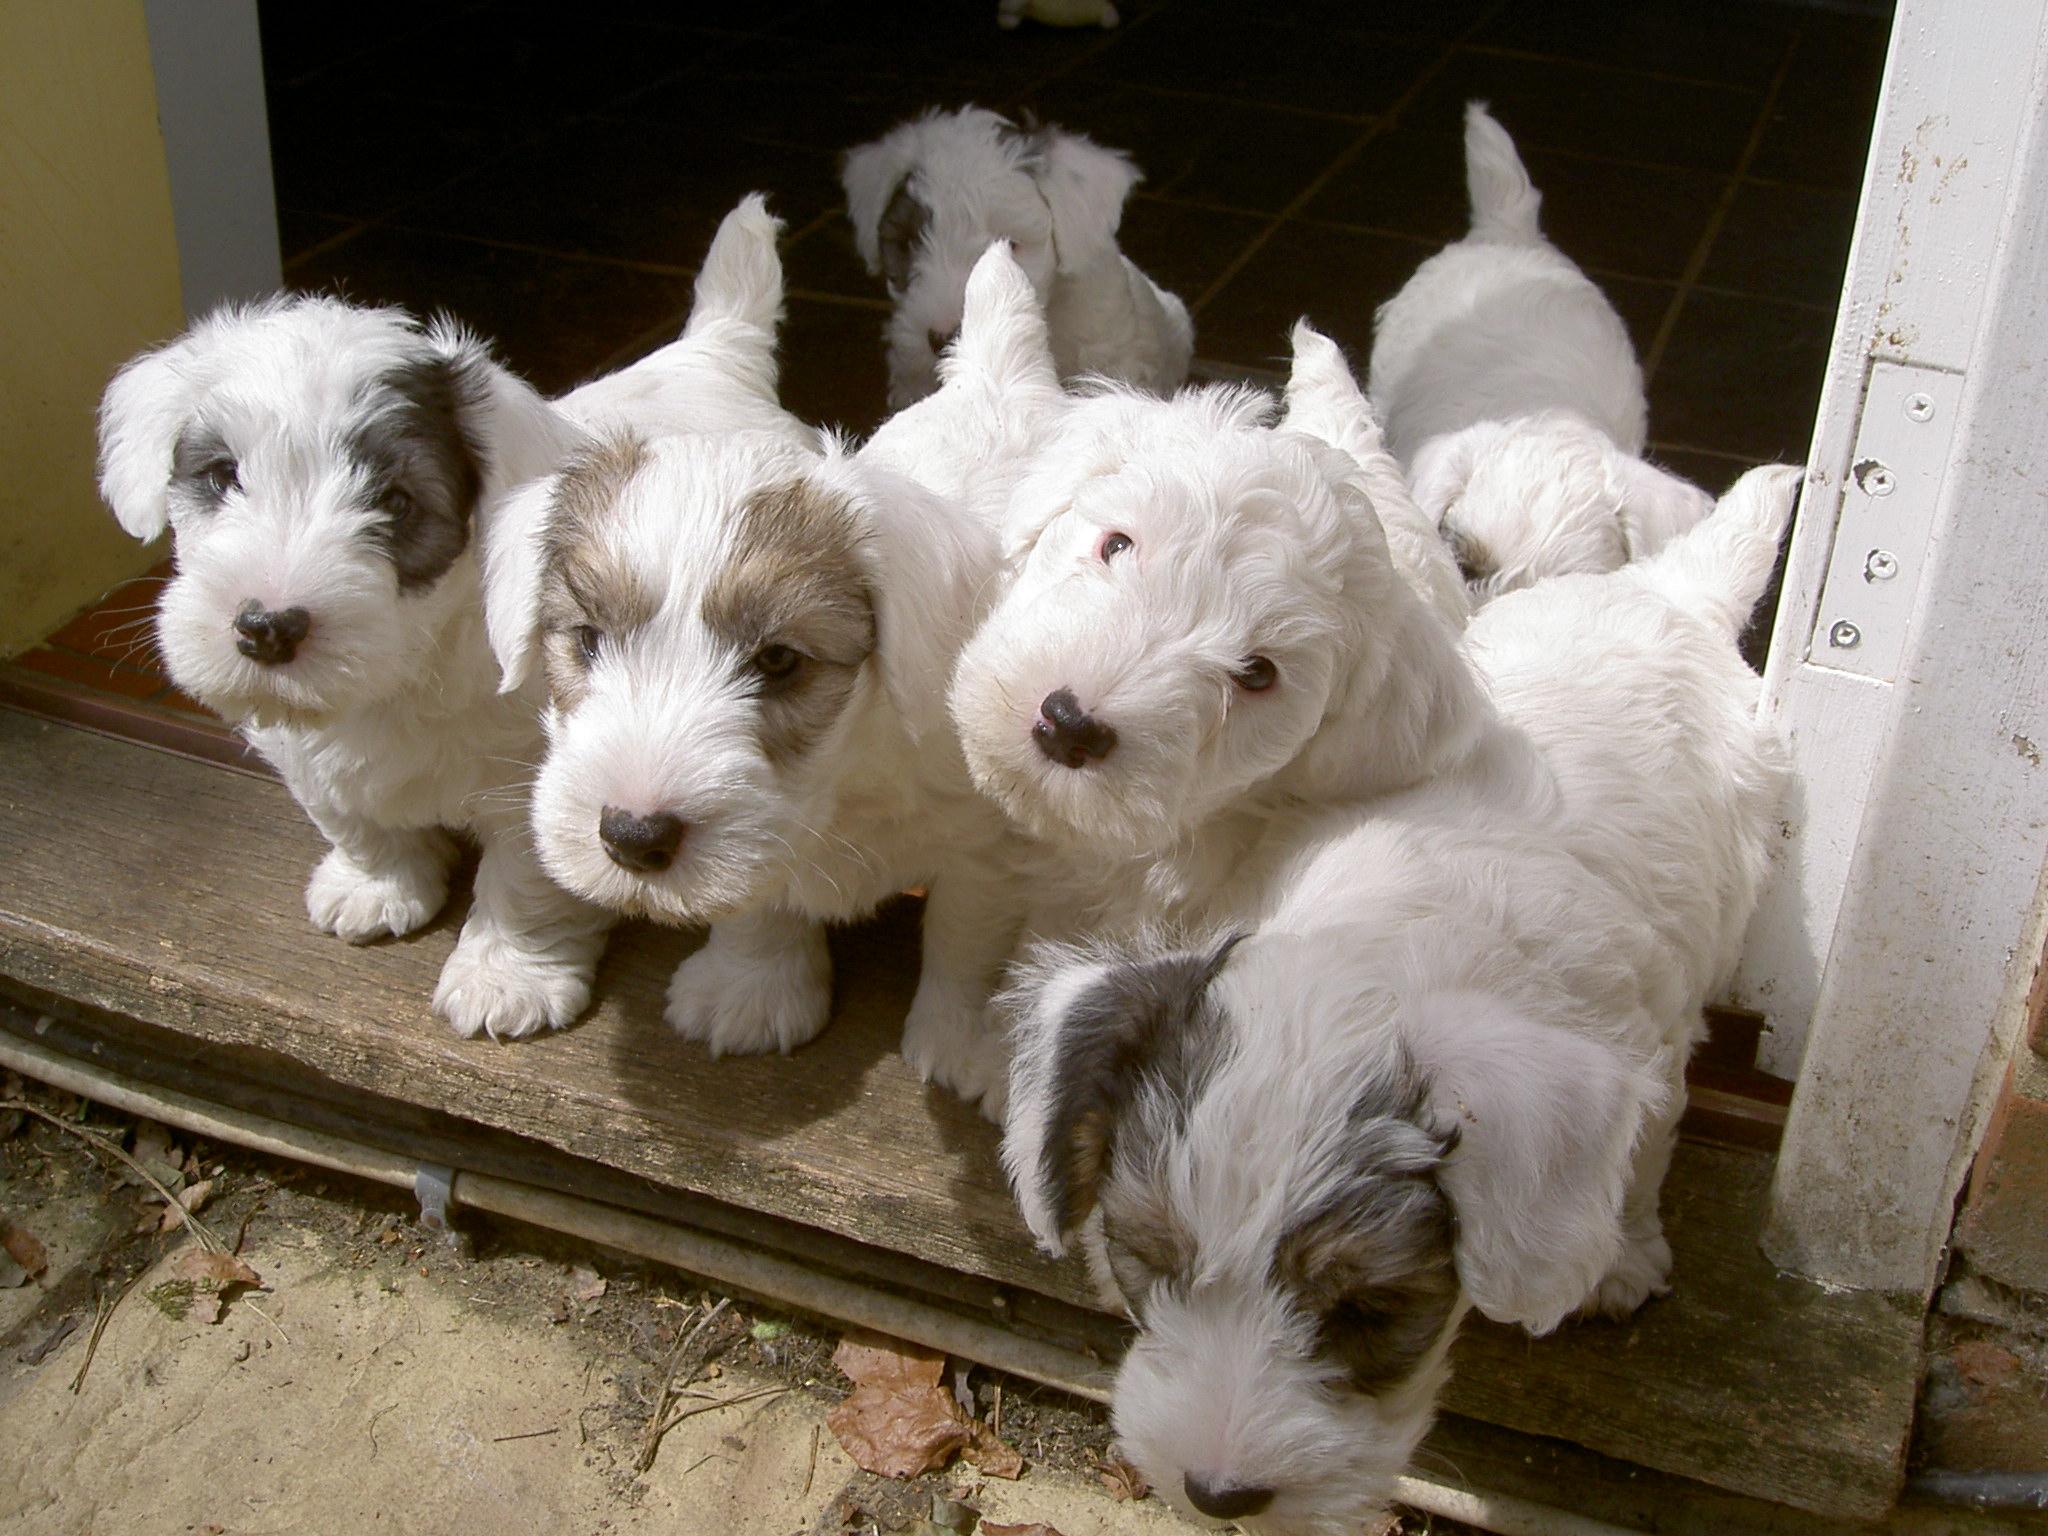 Schweizerischer Niederlaufhund Puppies: Schweizerischer Sealyham Terrier Puppies Breed